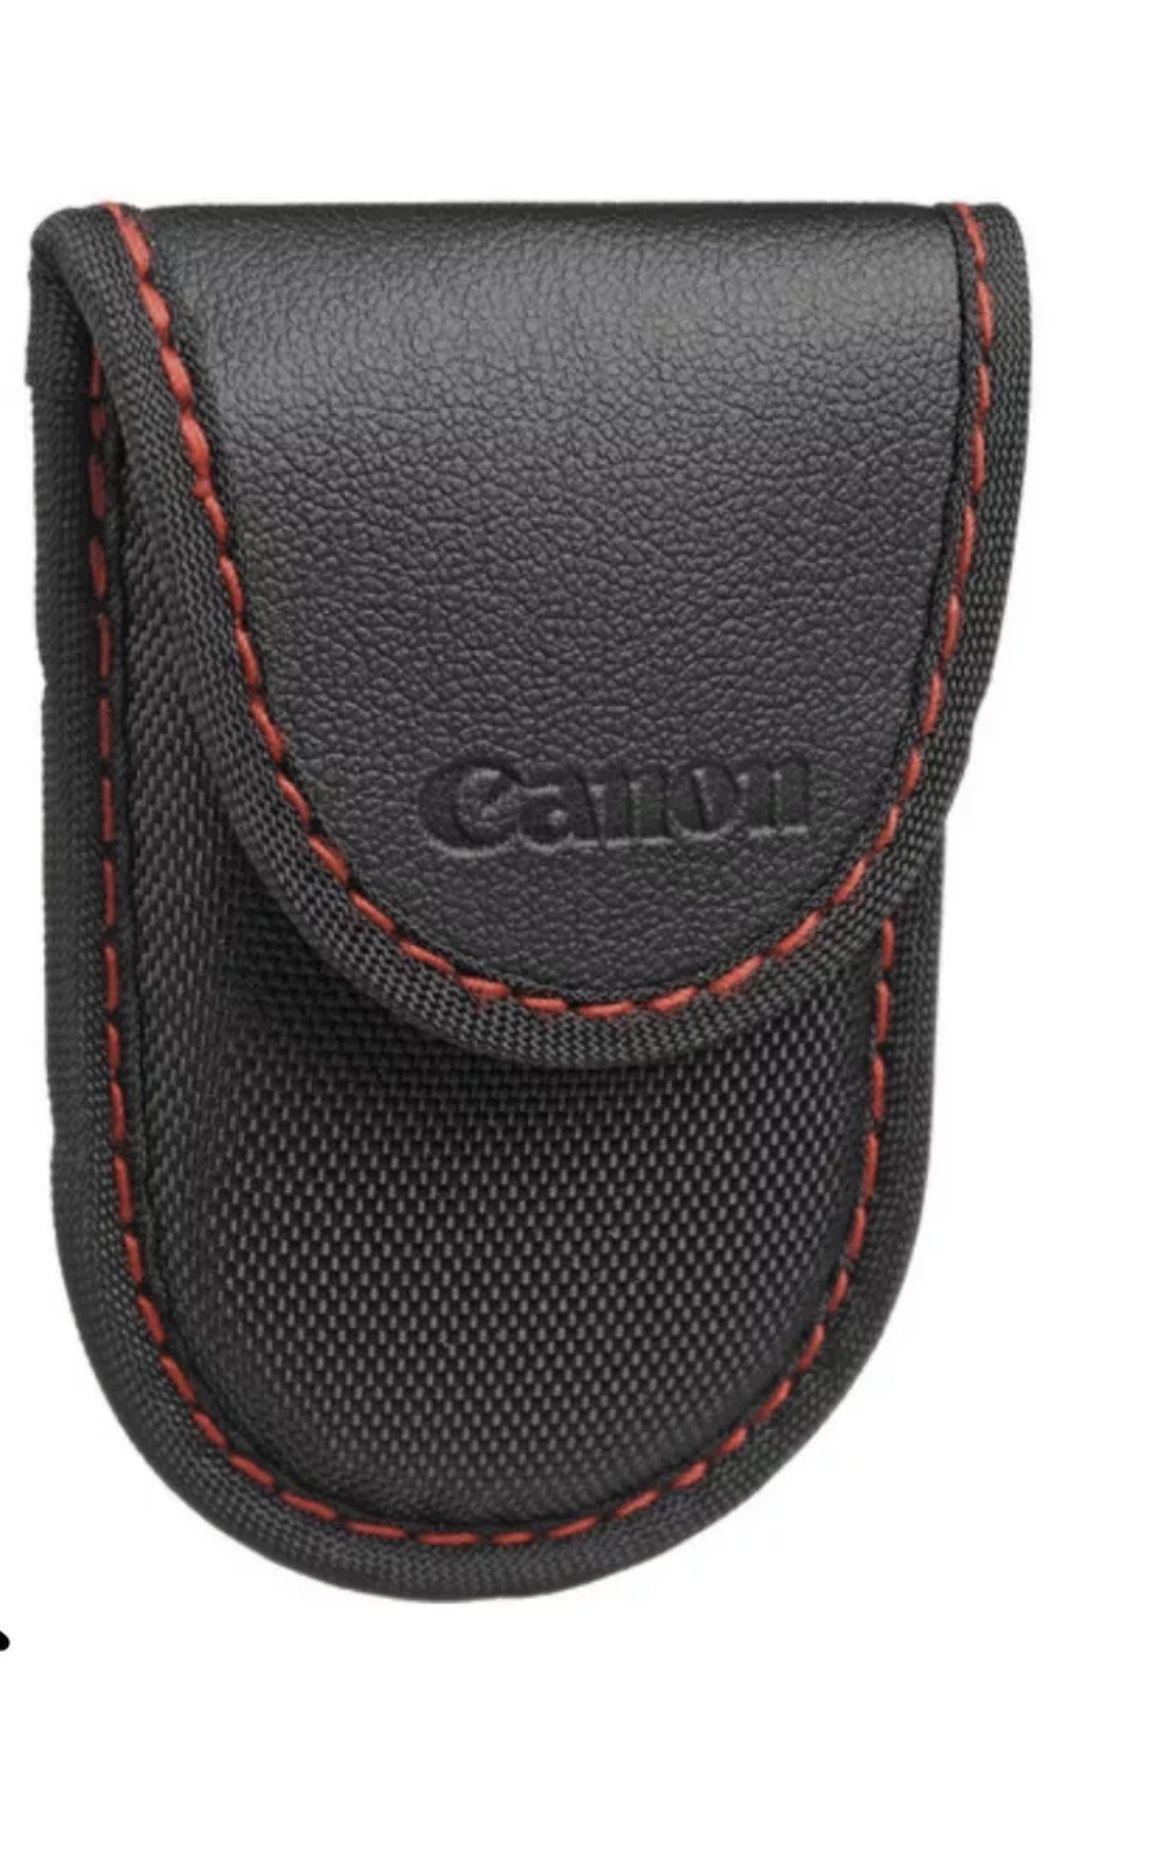 Canon RC-6 Wireless Remote Control for Canon EOS DSLR Cameras